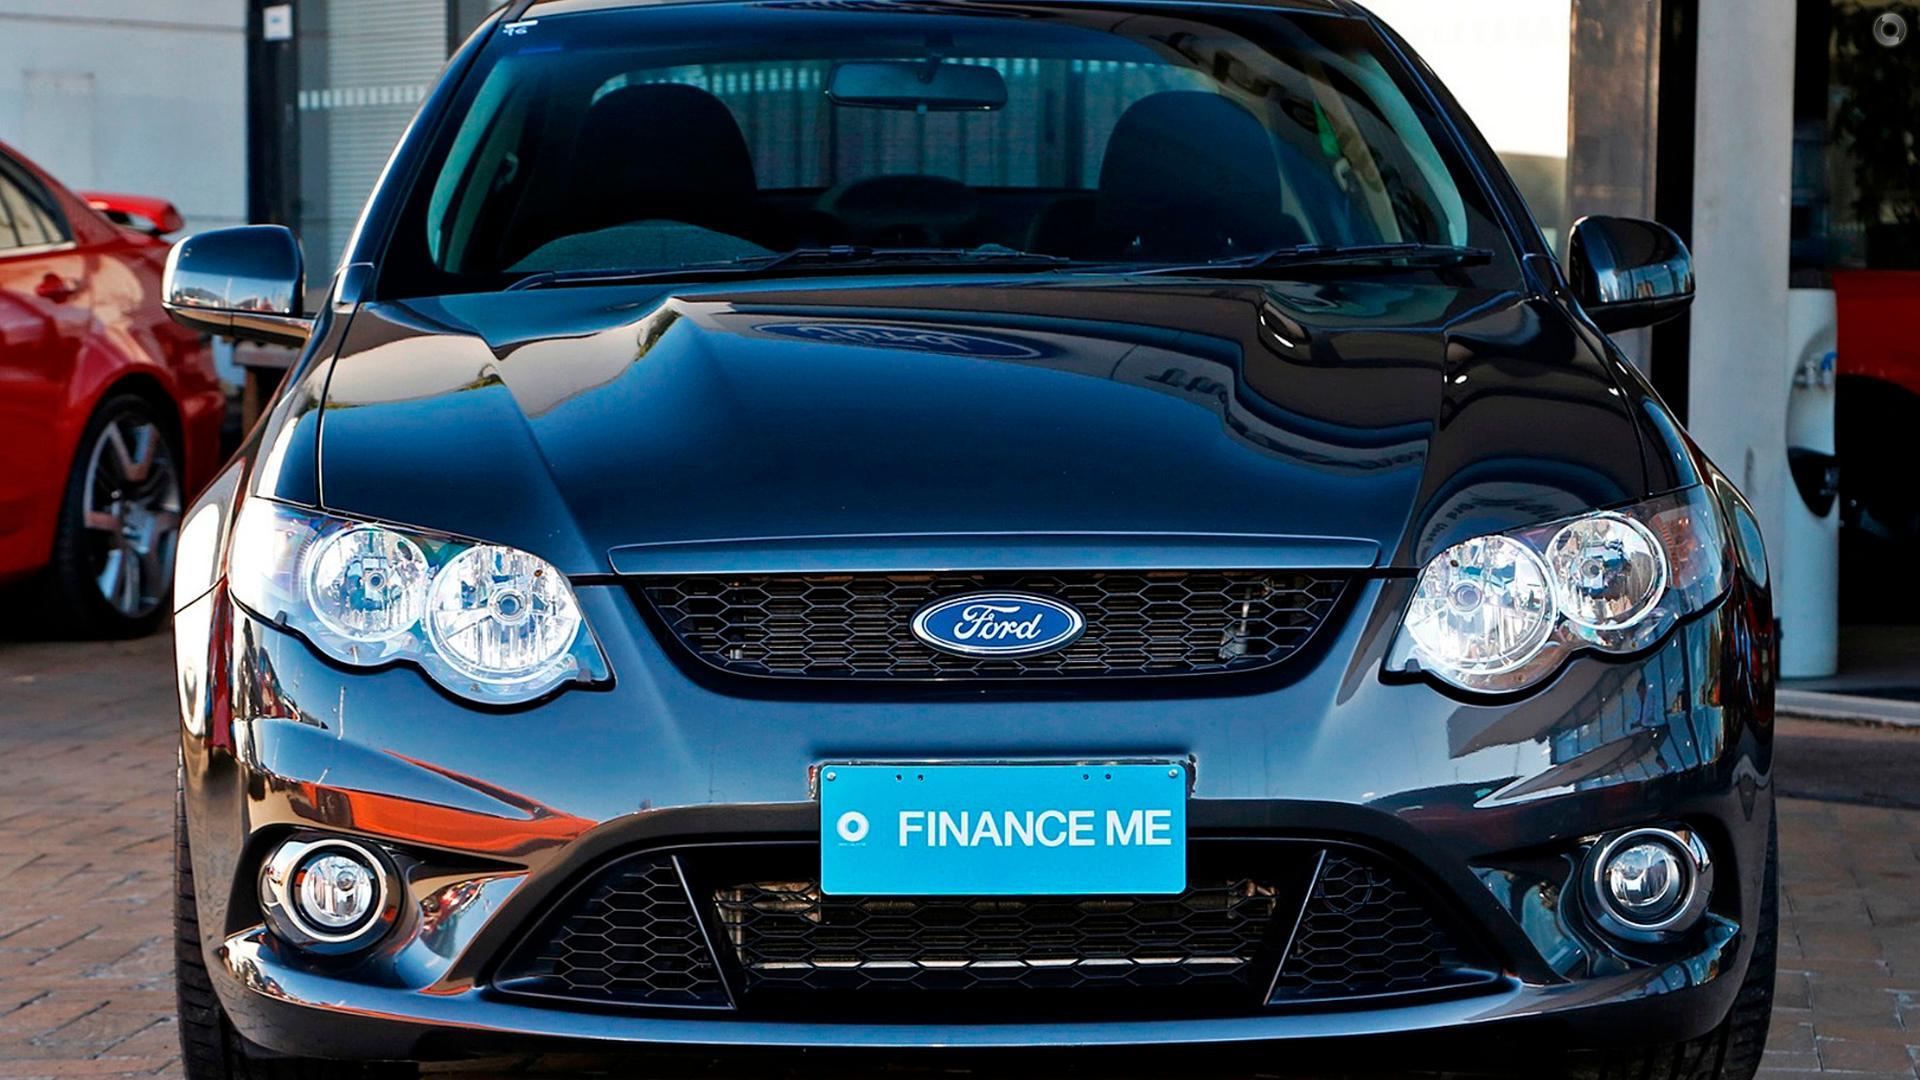 2009 Ford Falcon XR8 FG